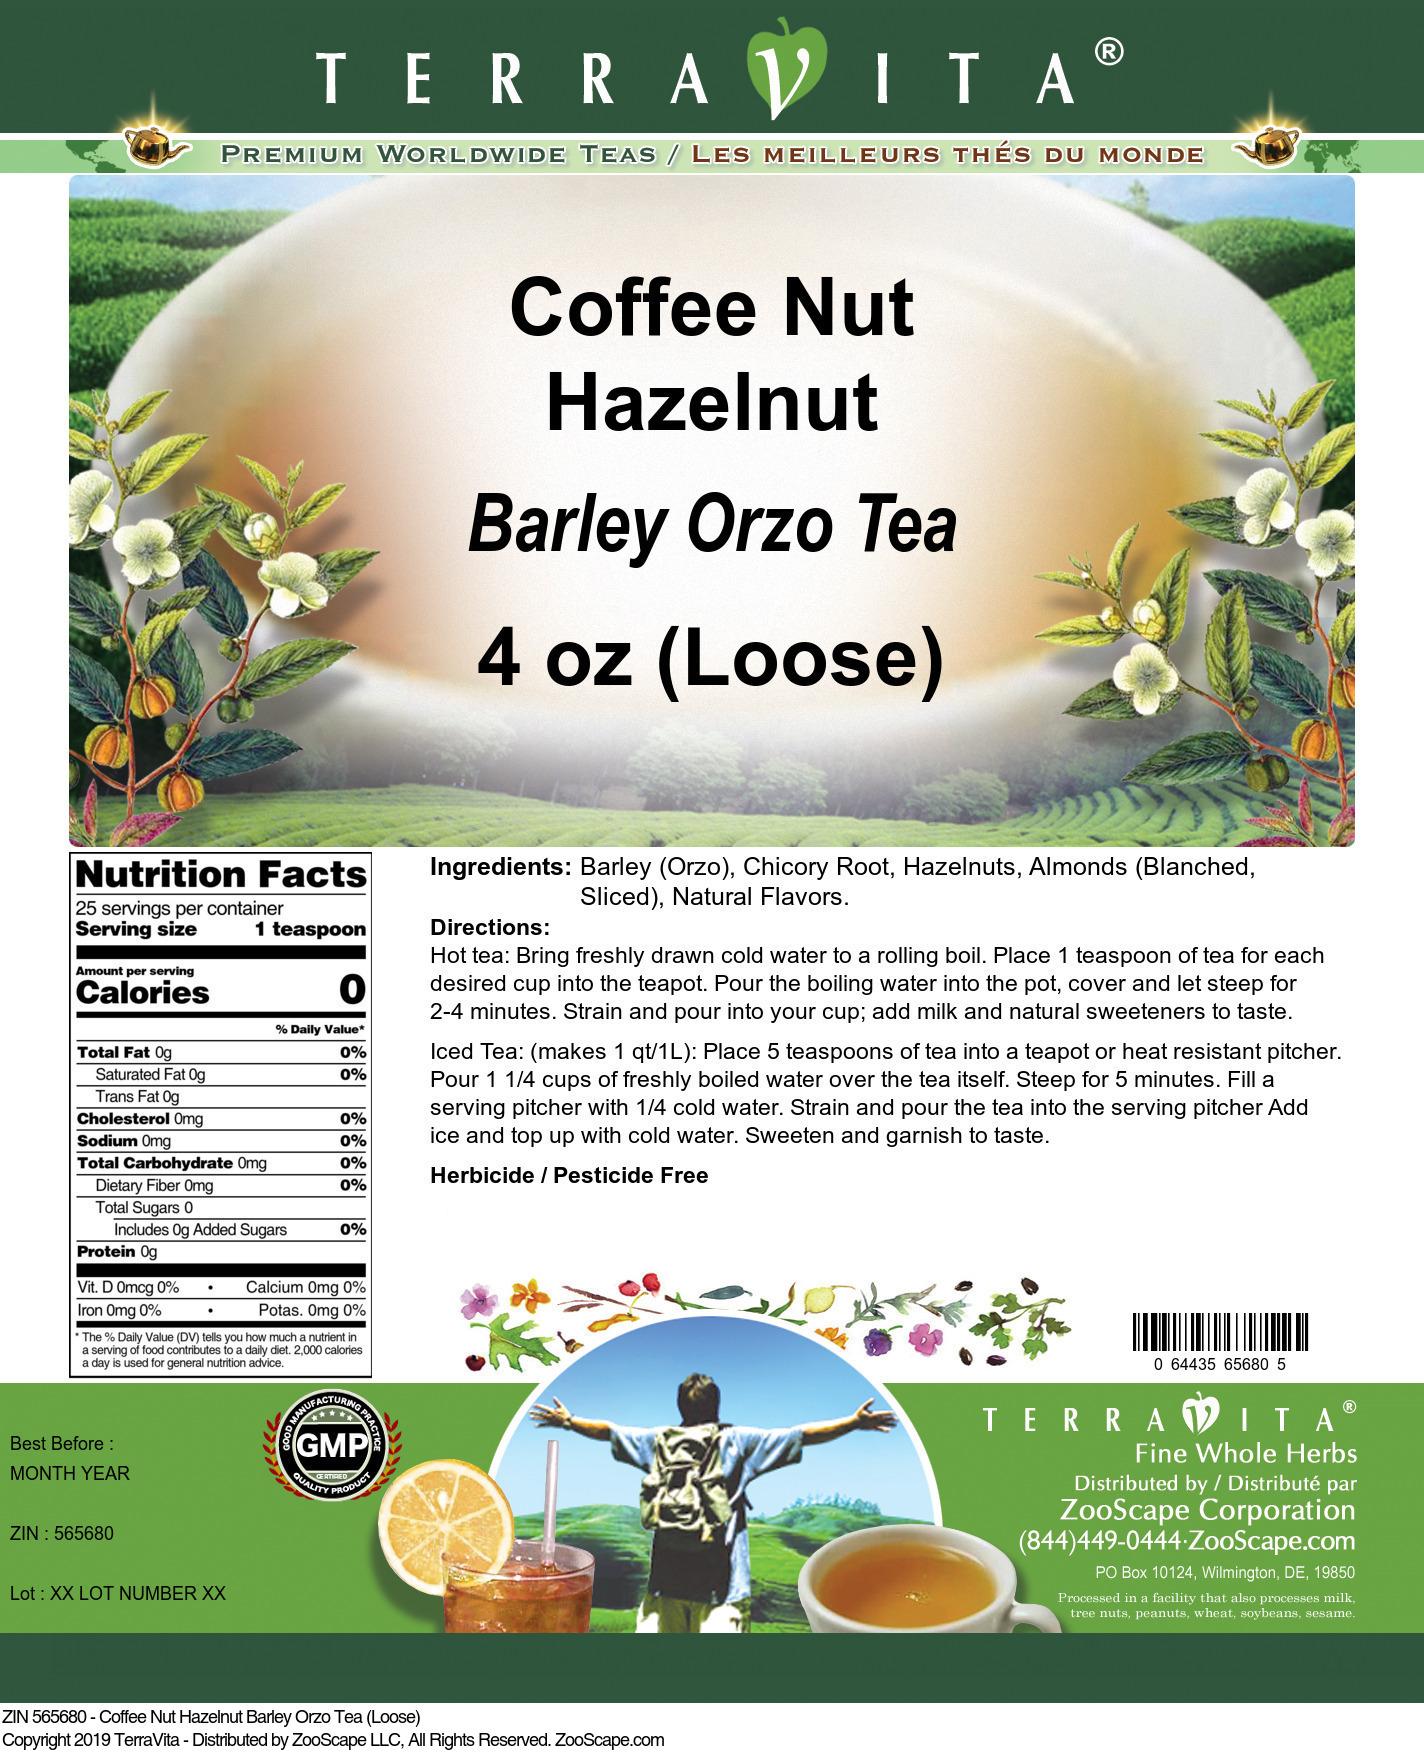 Coffee Nut Hazelnut Barley Orzo